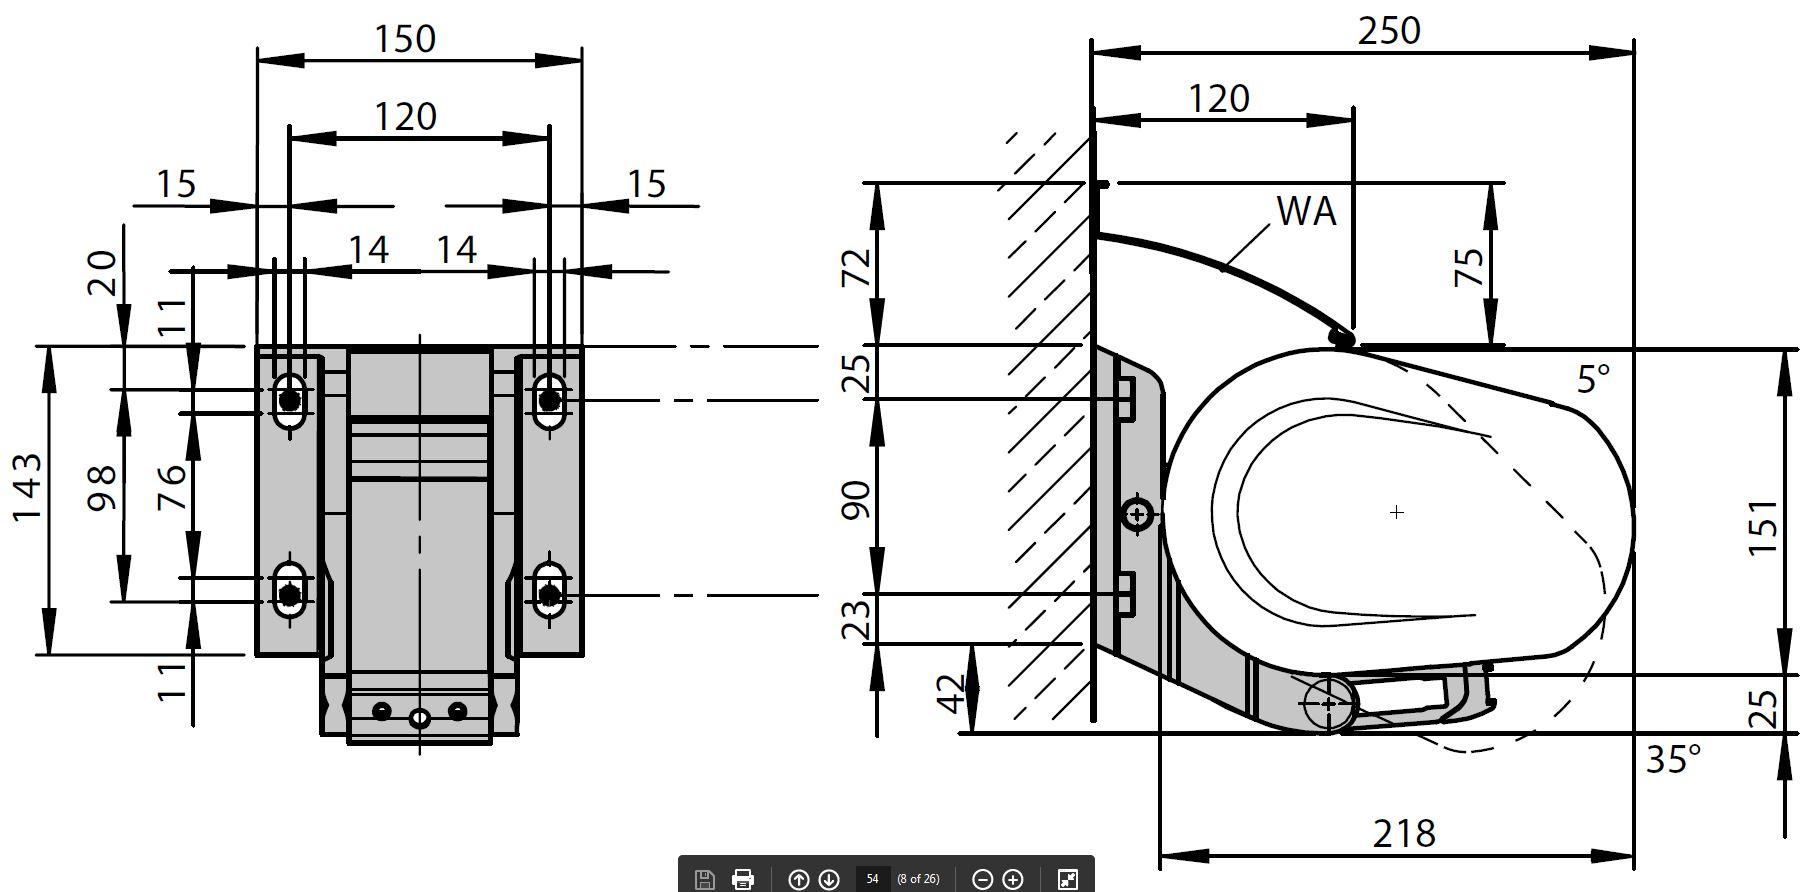 Buy Sectional Garage Doors Amp Roller Shutter Samson Doors